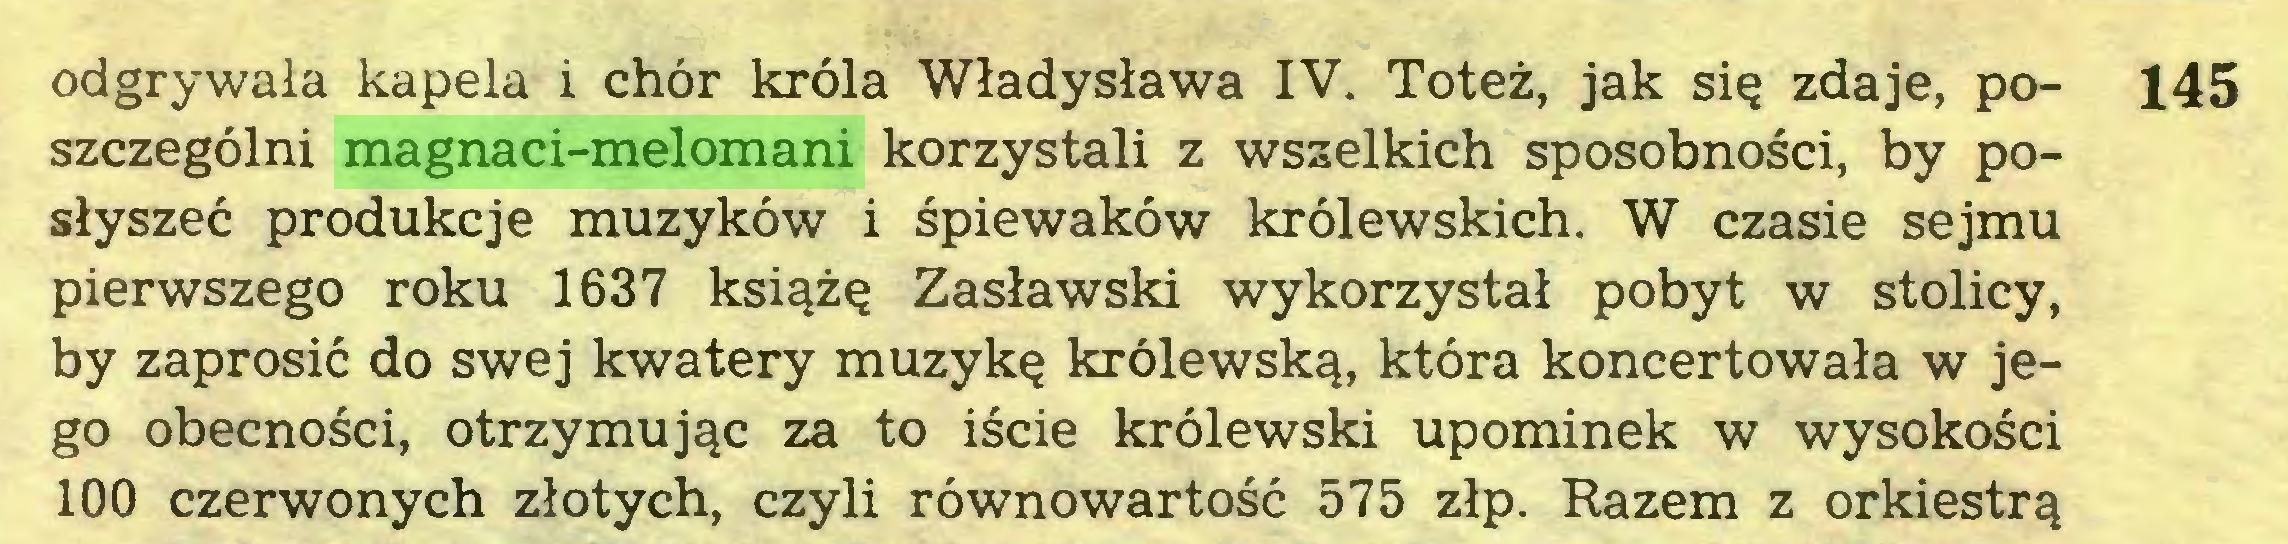 (...) odgrywała kapela i chór króla Władysława IV. Toteż, jak się zdaje, po- 145 szczególni magnaci-melomani korzystali z wszelkich sposobności, by posłyszeć produkcje muzyków i śpiewaków królewskich. W czasie sejmu pierwszego roku 1637 książę Zasławski wykorzystał pobyt w stolicy, by zaprosić do swej kwatery muzykę królewską, która koncertowała w jego obecności, otrzymując za to iście królewski upominek w wysokości 100 czerwonych złotych, czyli równowartość 575 złp. Razem z orkiestrą...